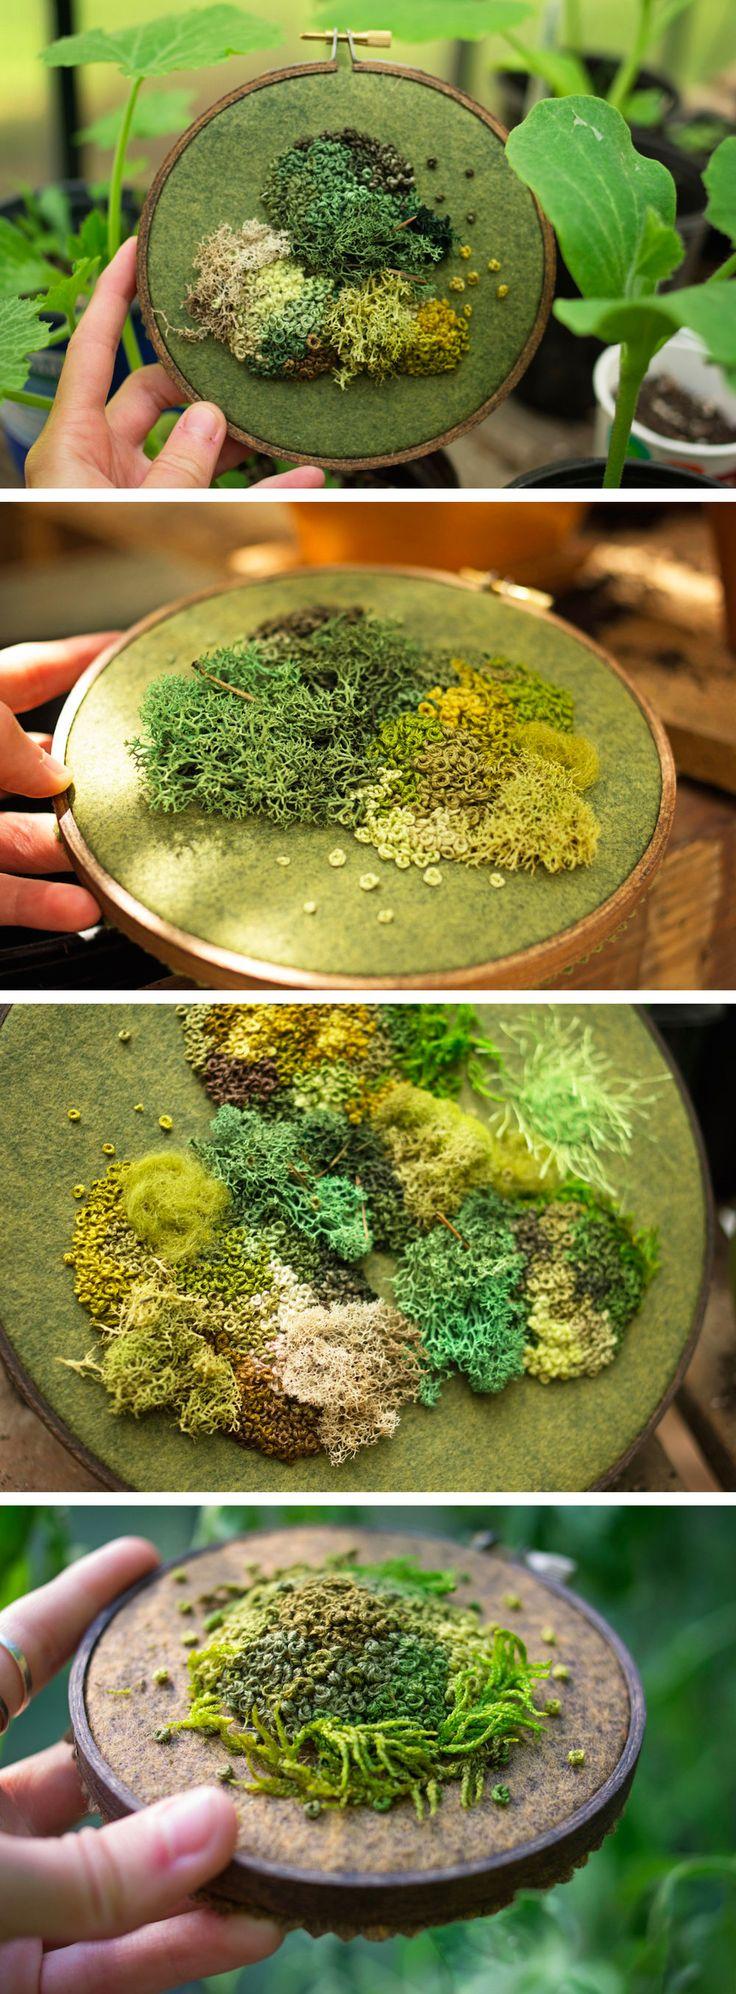 Moss embroidery. Emma Mattson